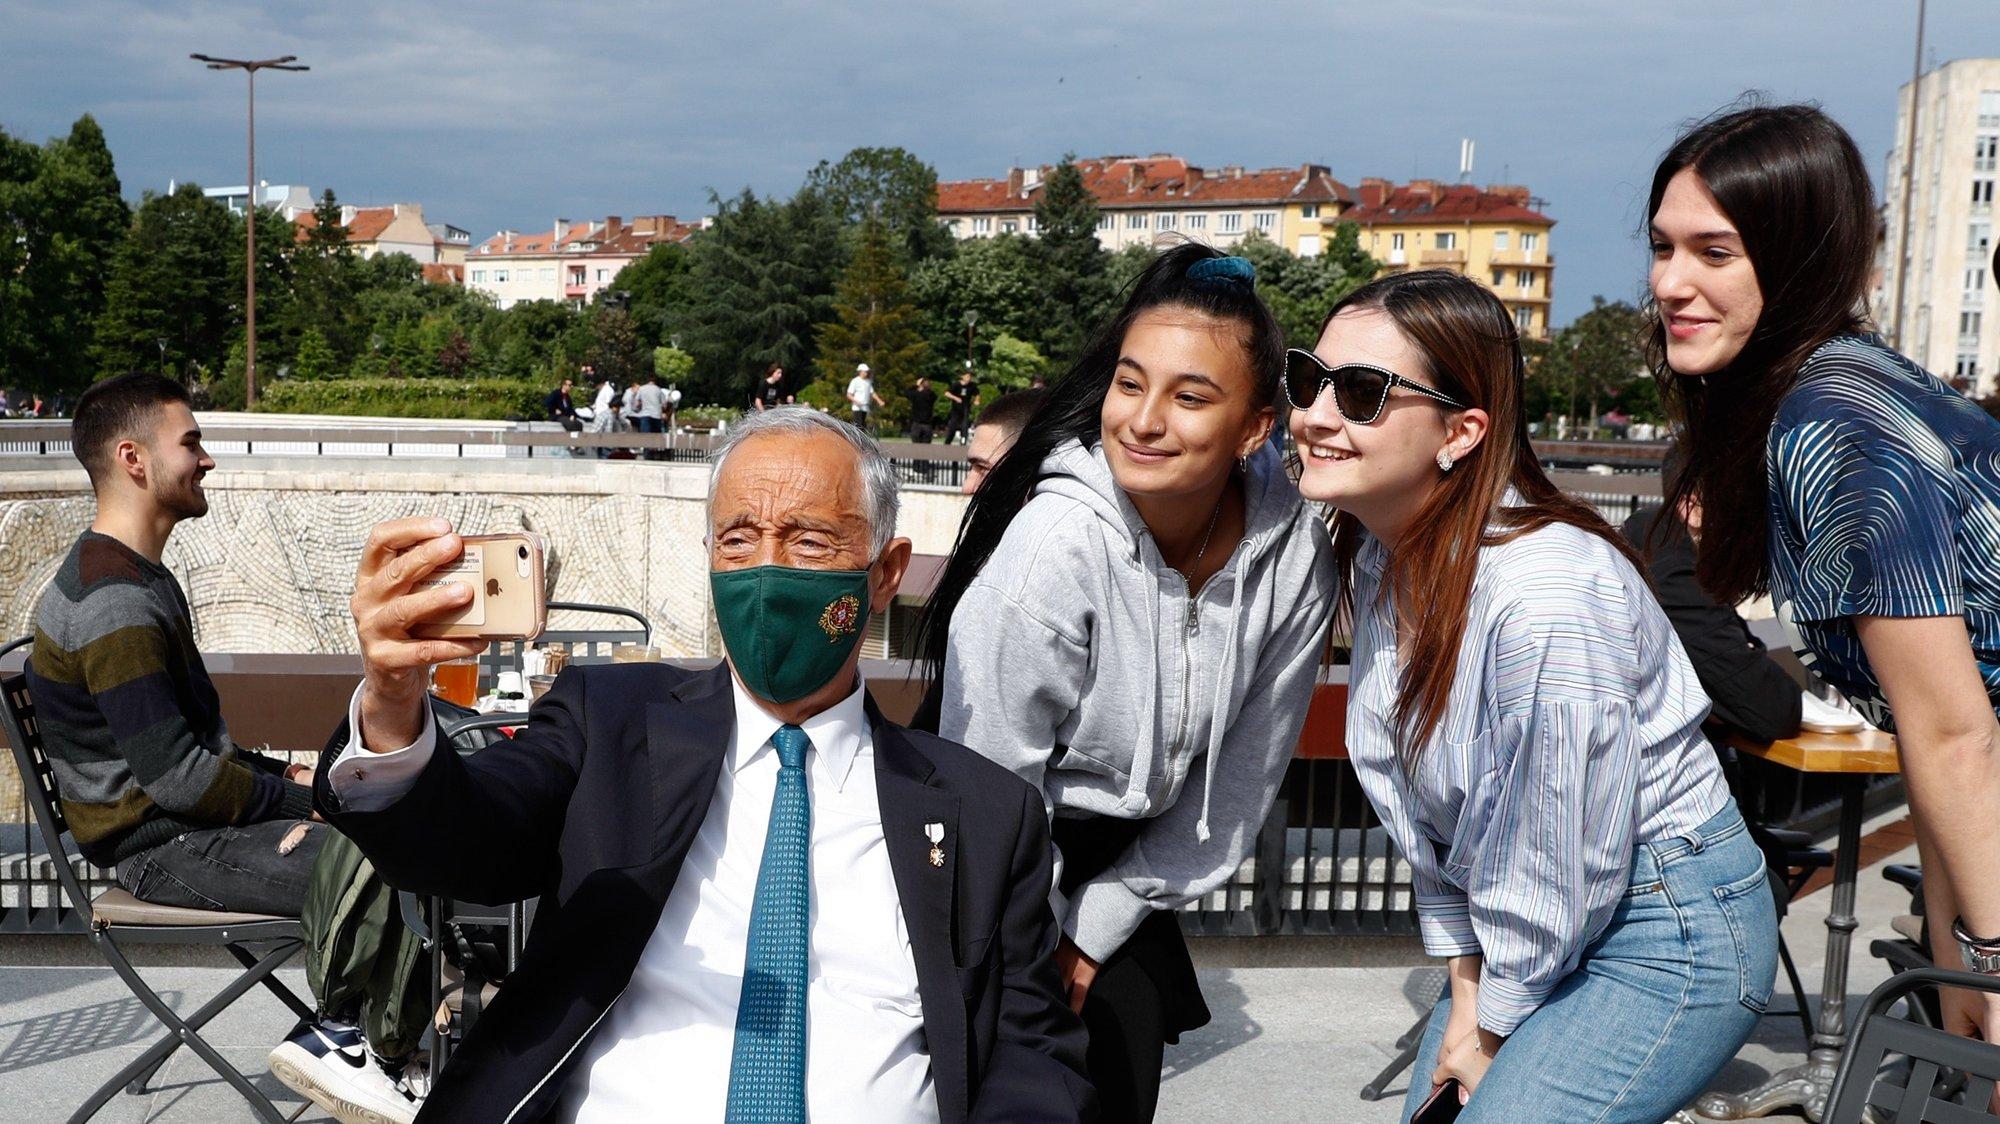 O Presidente da República de Portugal, Marcelo Rebelo de Sousa, tira uma selfie durante um passeio pelo centro da cidade, Sófia, Bulgária, 02 de junho de 2021. Marcelo Rebelo de Sousa, está na Bulgária, para uma Visita Oficial de três dias. ANTÓNIO COTRIM/LUSA